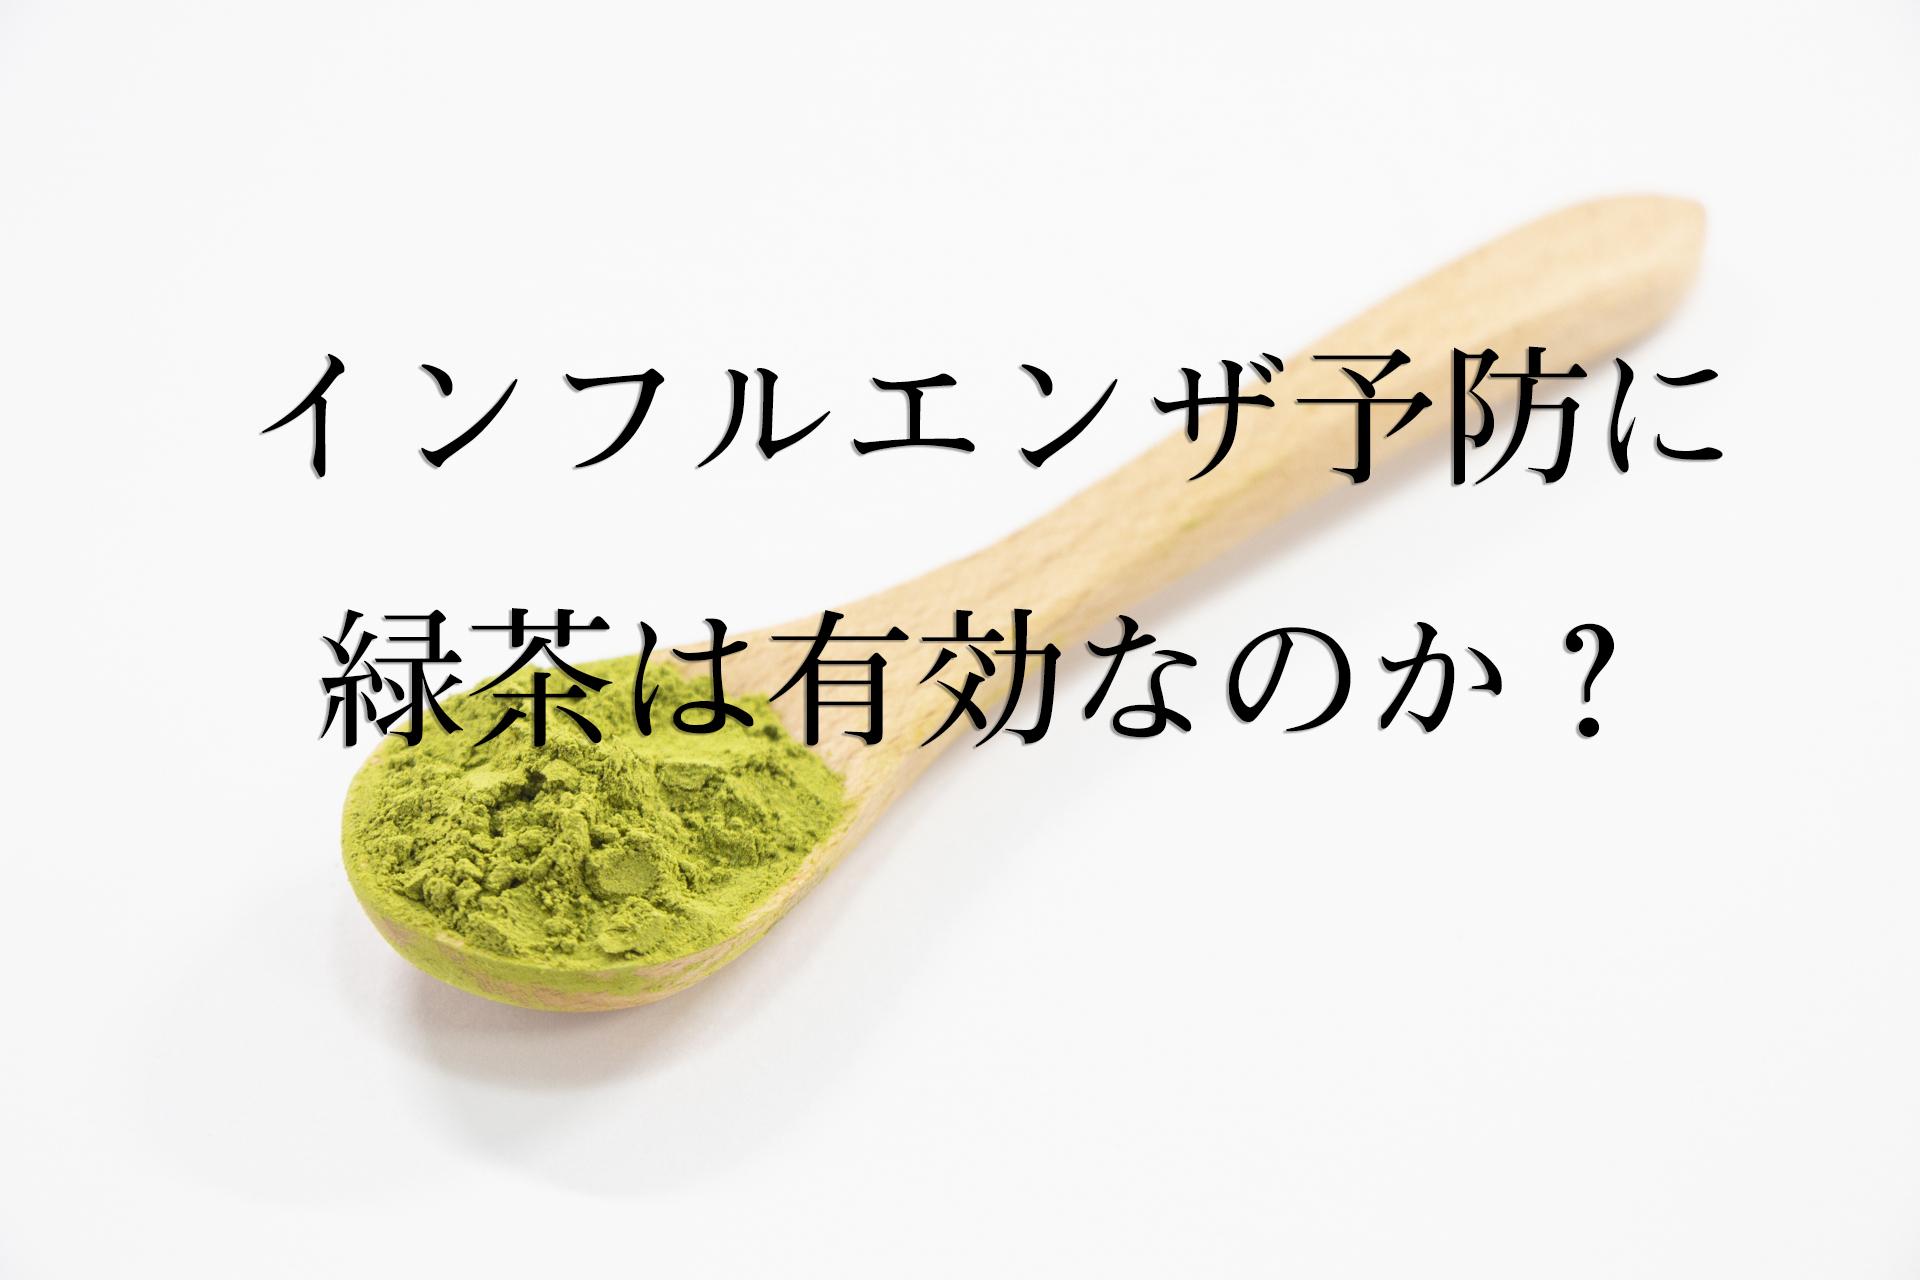 インフルエンザ予防に緑茶は有効なのか?